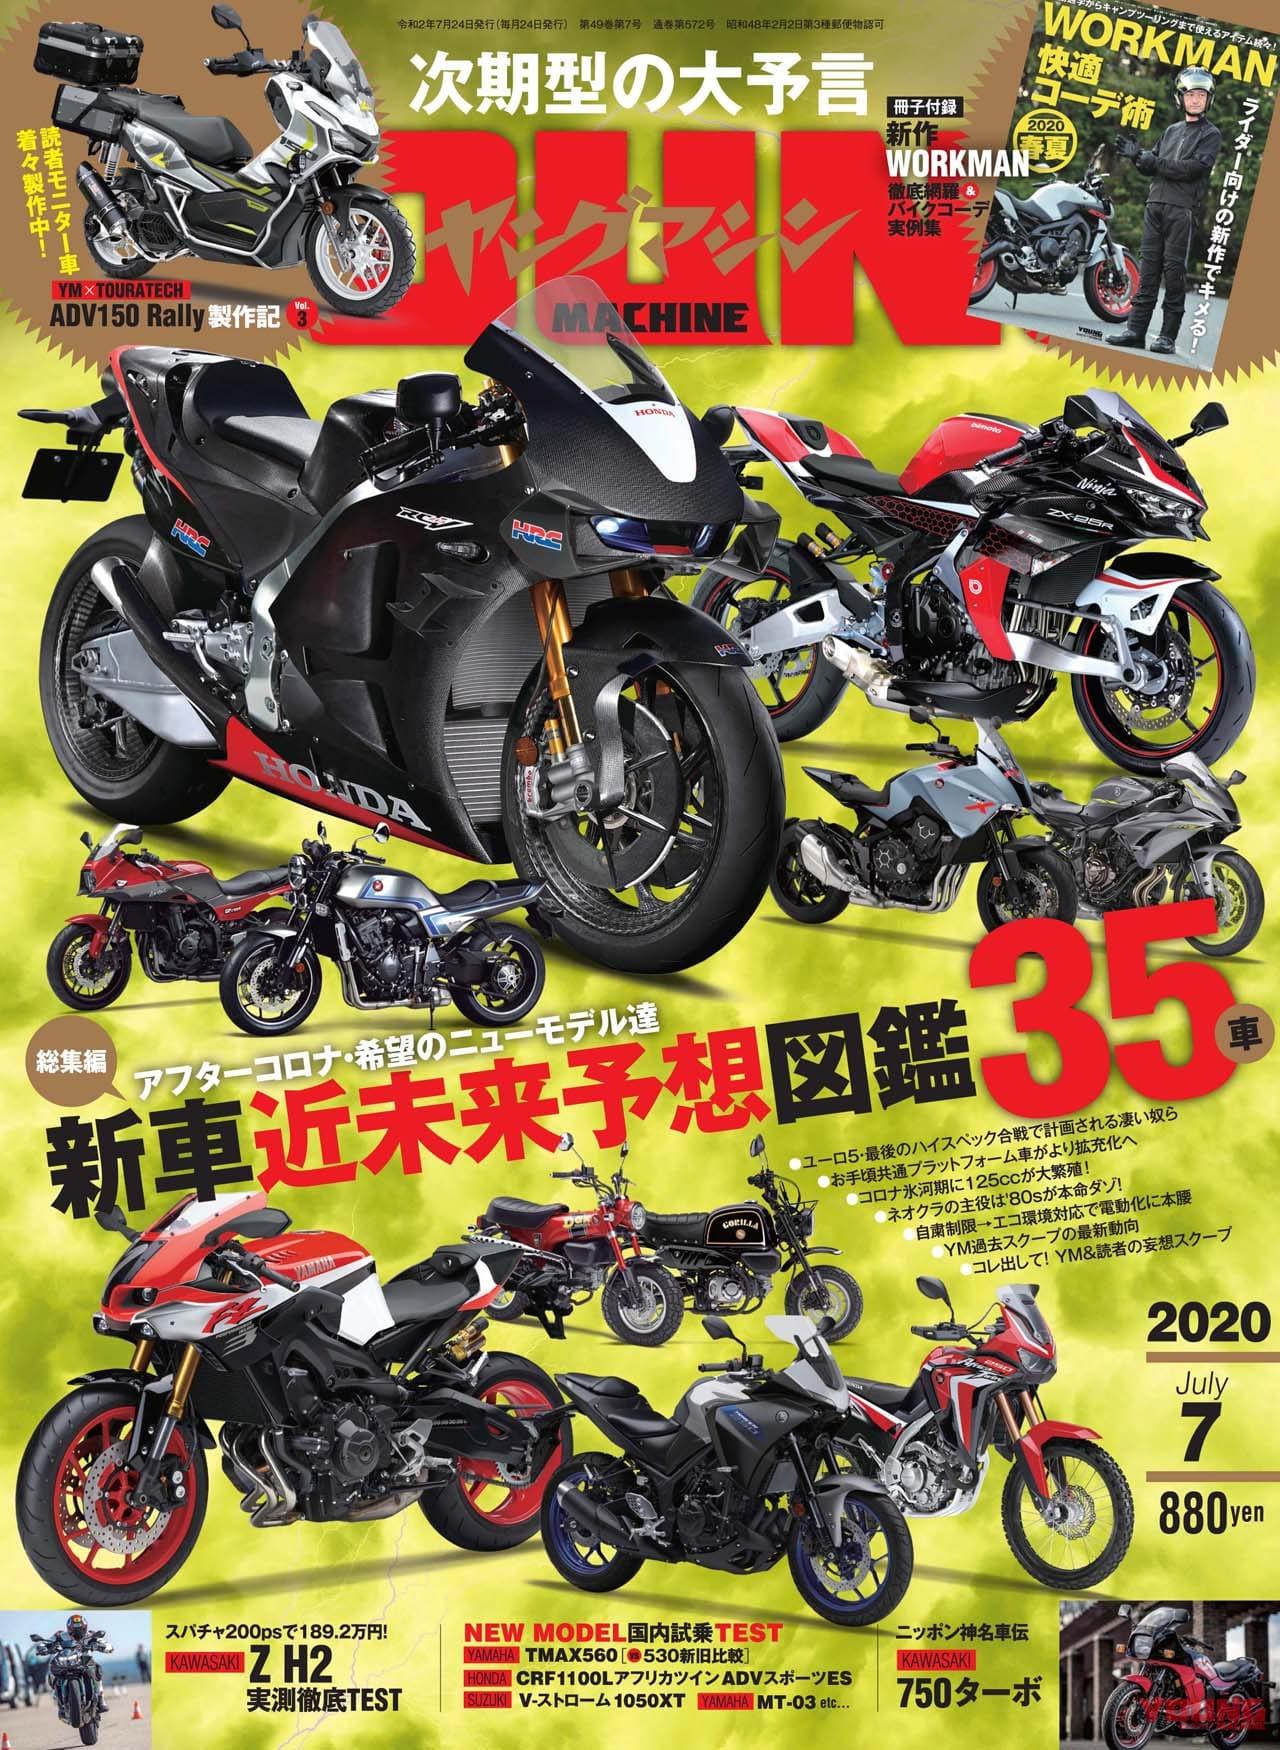 Livre, Magazine, En kiosque, Presse Spécialisée, Canard Moto, Bouquin  - Page 27 Ym200710